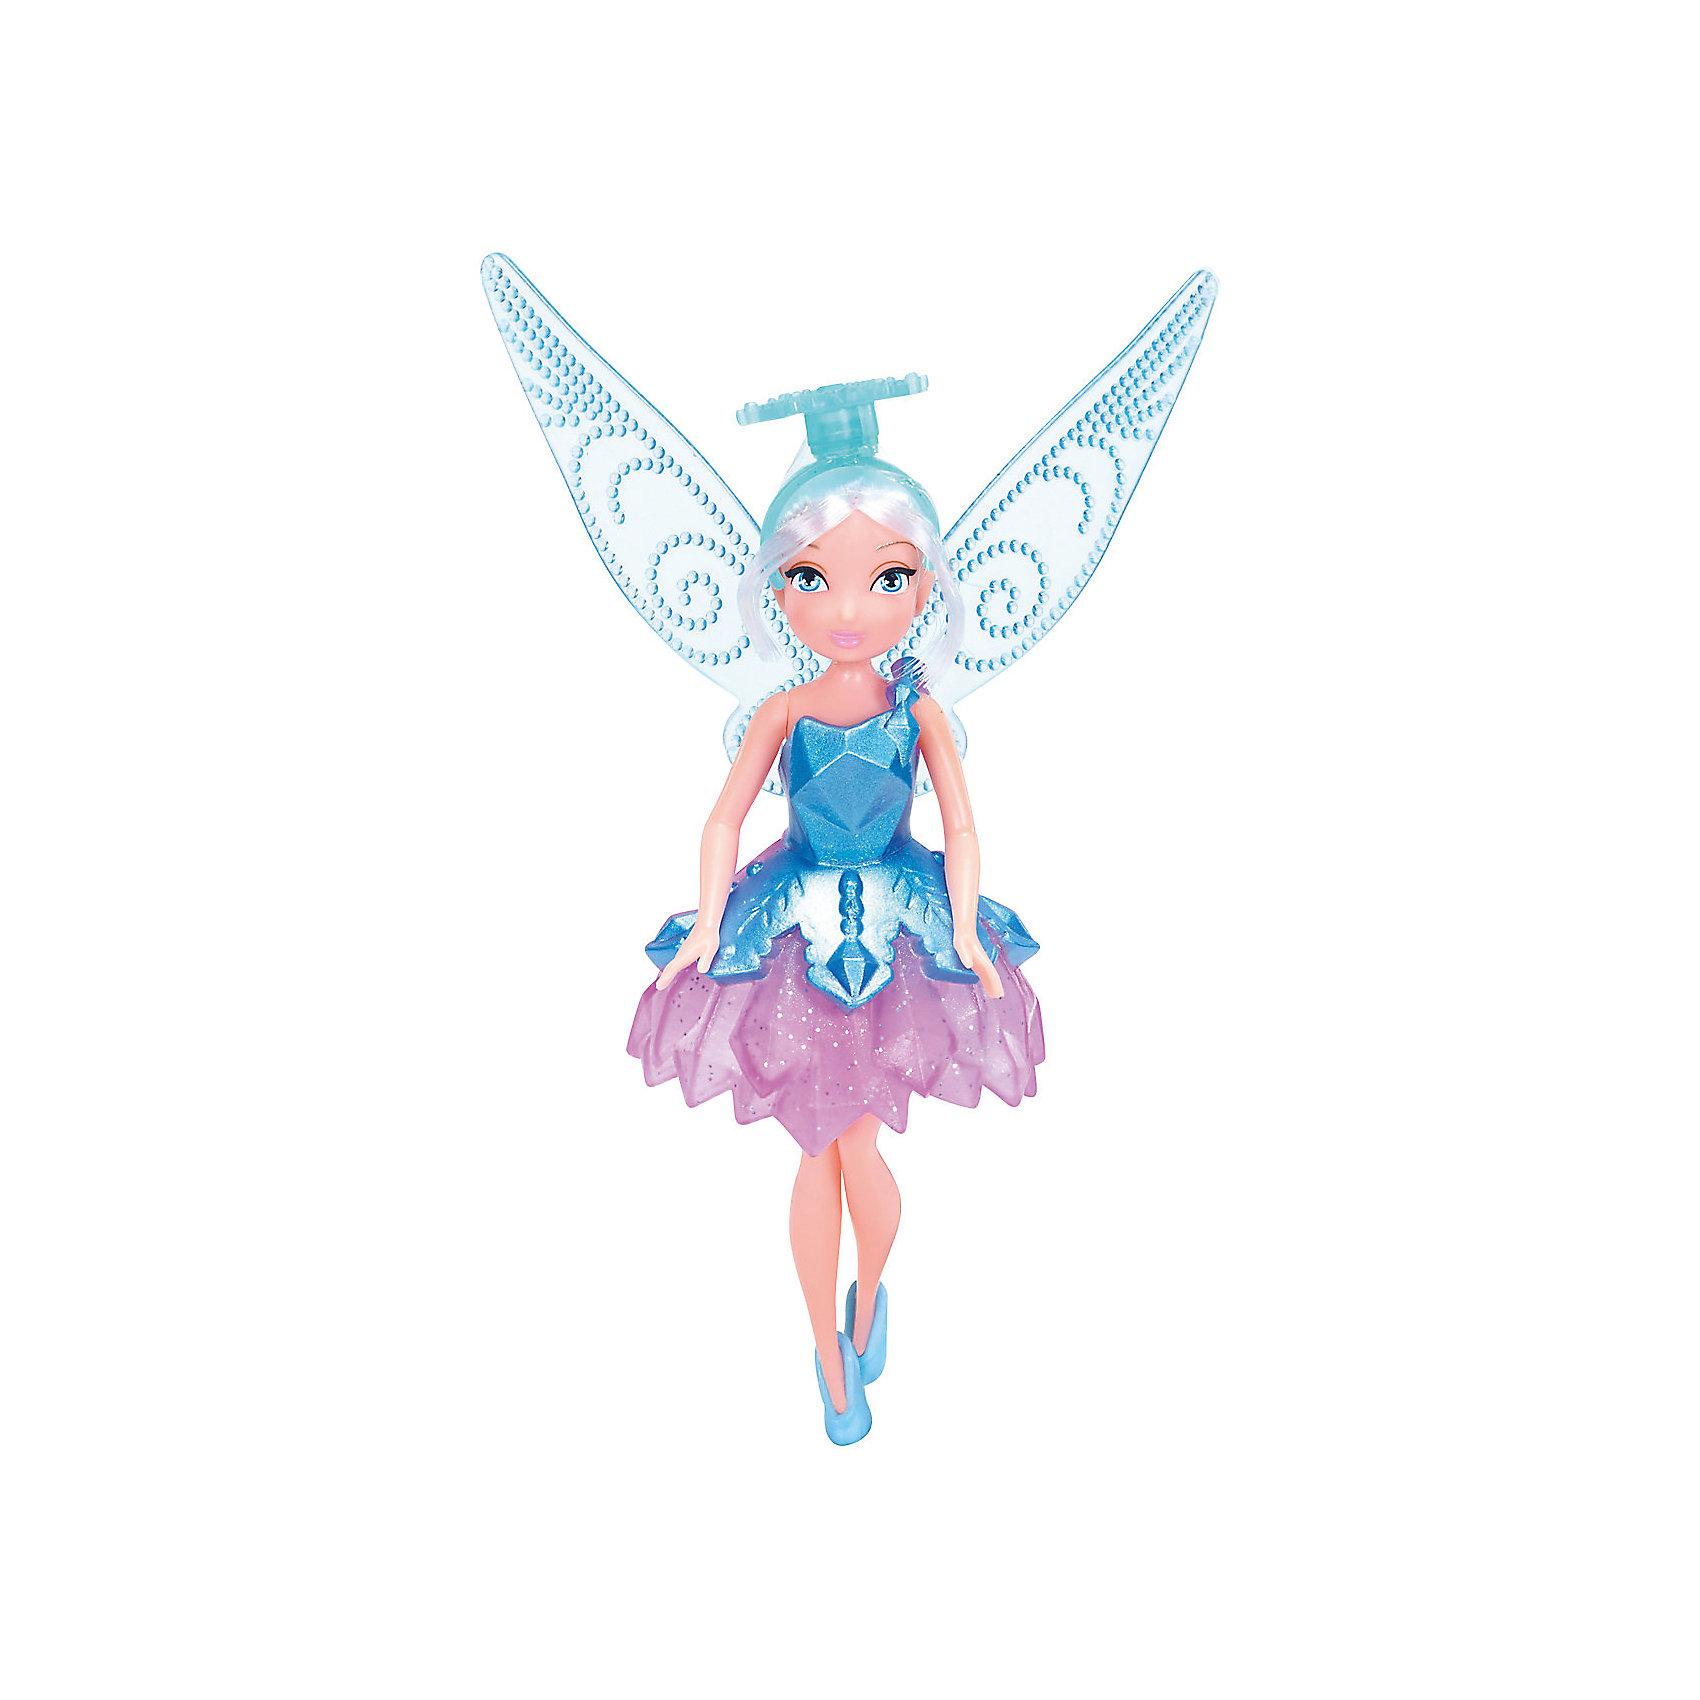 Игровой набор Disney Fairy Бутик с мини-куклой. Фея НезабудкаХарактеристики товара:<br><br>- цвет: разноцветный;<br>- материал: пластик;<br>- подвижные части тела;<br>- комплектация: кукла, аксессуары;<br>- размер упаковки: 25х6х30 см.<br>- размер куклы: 11 см.<br><br>Эти симпатичные куклы в виде фей из диснеевского мультфильма «Тайны пиратского острова» от известного бренда не оставят девочку равнодушной! Какая девочка сможет отказаться поиграть с куклами, которых можно переодевать благодаря набору аксессуаров?! В комплект входят наряды и аксессуары. Игрушка очень качественно выполнена, поэтому она станет замечательным подарком ребенку. <br>Продается набор в красивой удобной упаковке. Изделие произведено из высококачественного материала, безопасного для детей.<br><br>Игровой набор «Бутик», с аксессуарами, голубой, Феи Дисней, можно купить в нашем интернет-магазине.<br><br>Ширина мм: 305<br>Глубина мм: 255<br>Высота мм: 60<br>Вес г: 435<br>Возраст от месяцев: 36<br>Возраст до месяцев: 2147483647<br>Пол: Женский<br>Возраст: Детский<br>SKU: 5140247